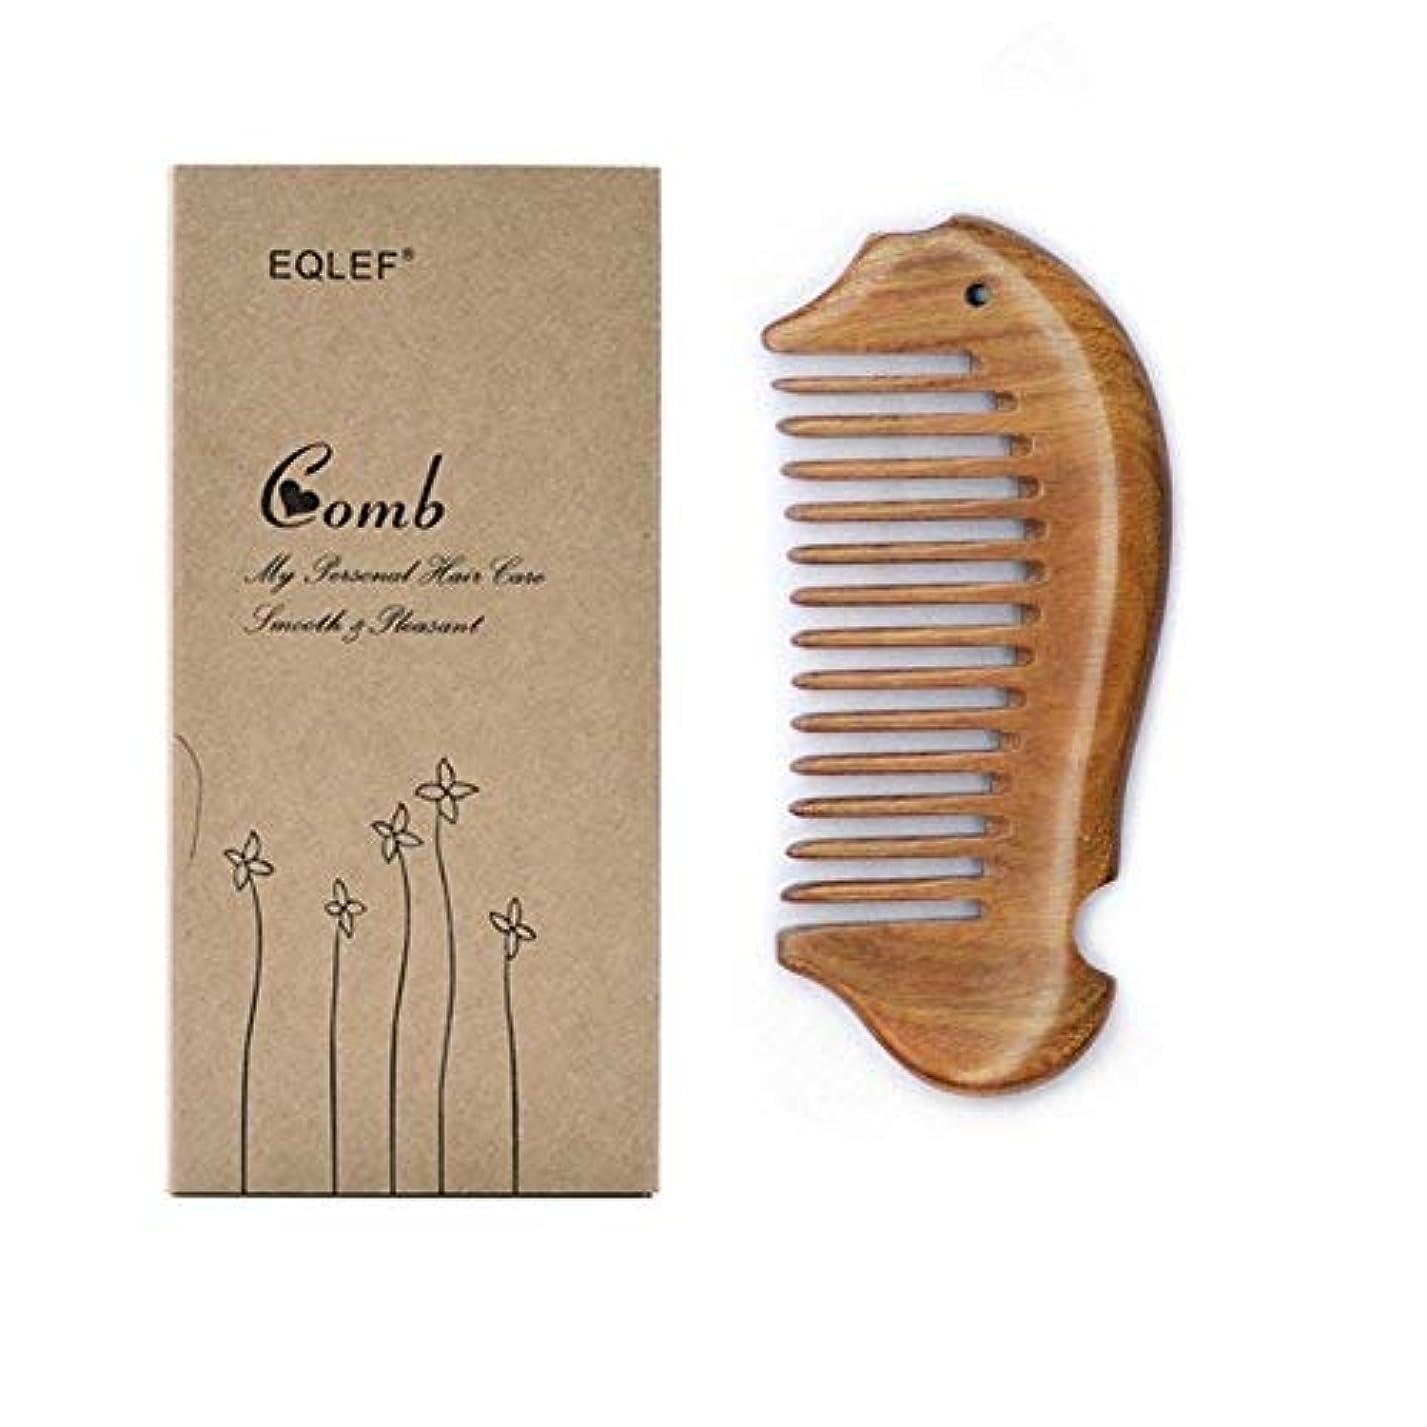 変換するダニ埋めるEQLEF? Fish shape Beard Comb Wooden Comb wide Tooth Green Sandalwood Pocket Comb Small Hair Comb Hair Brush [並行輸入品]